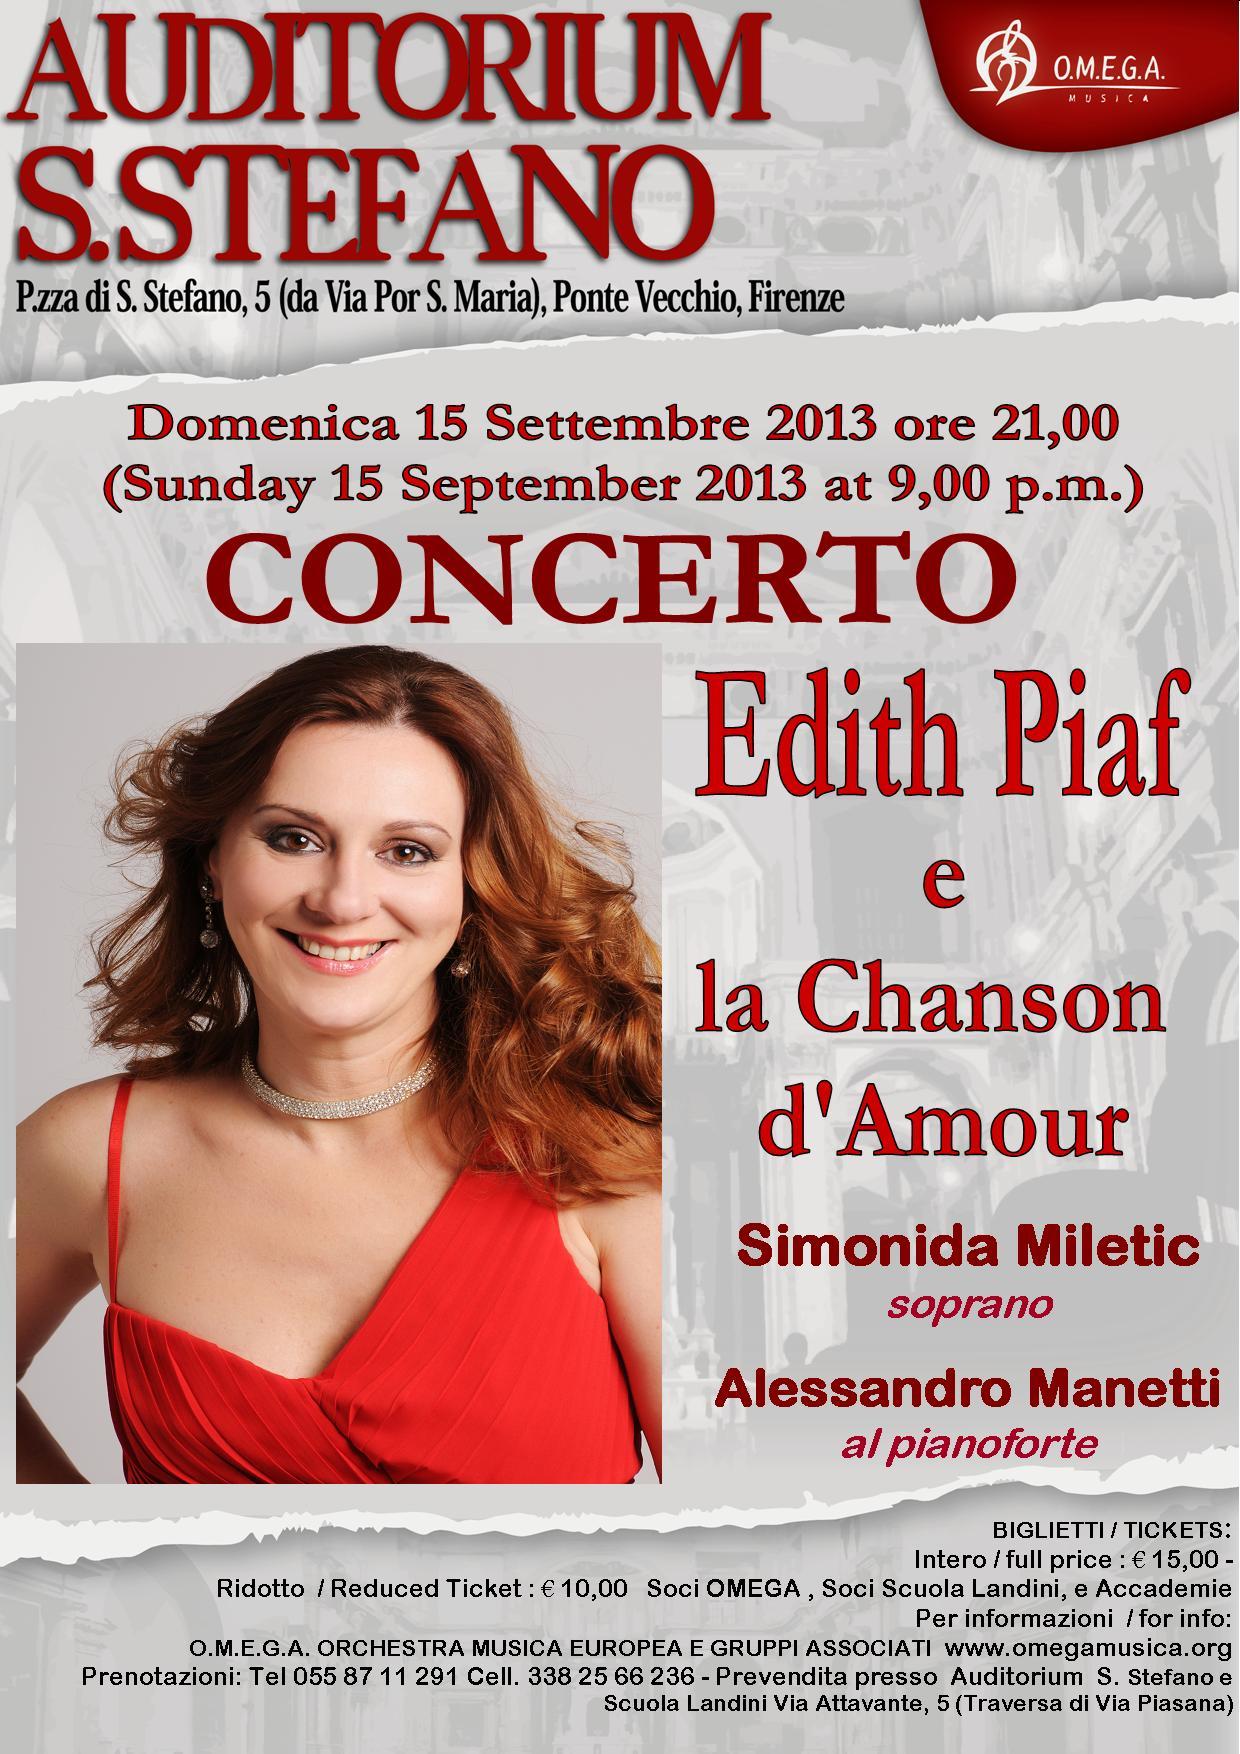 Edith Piaf e LA CHANSON D'AMOUR